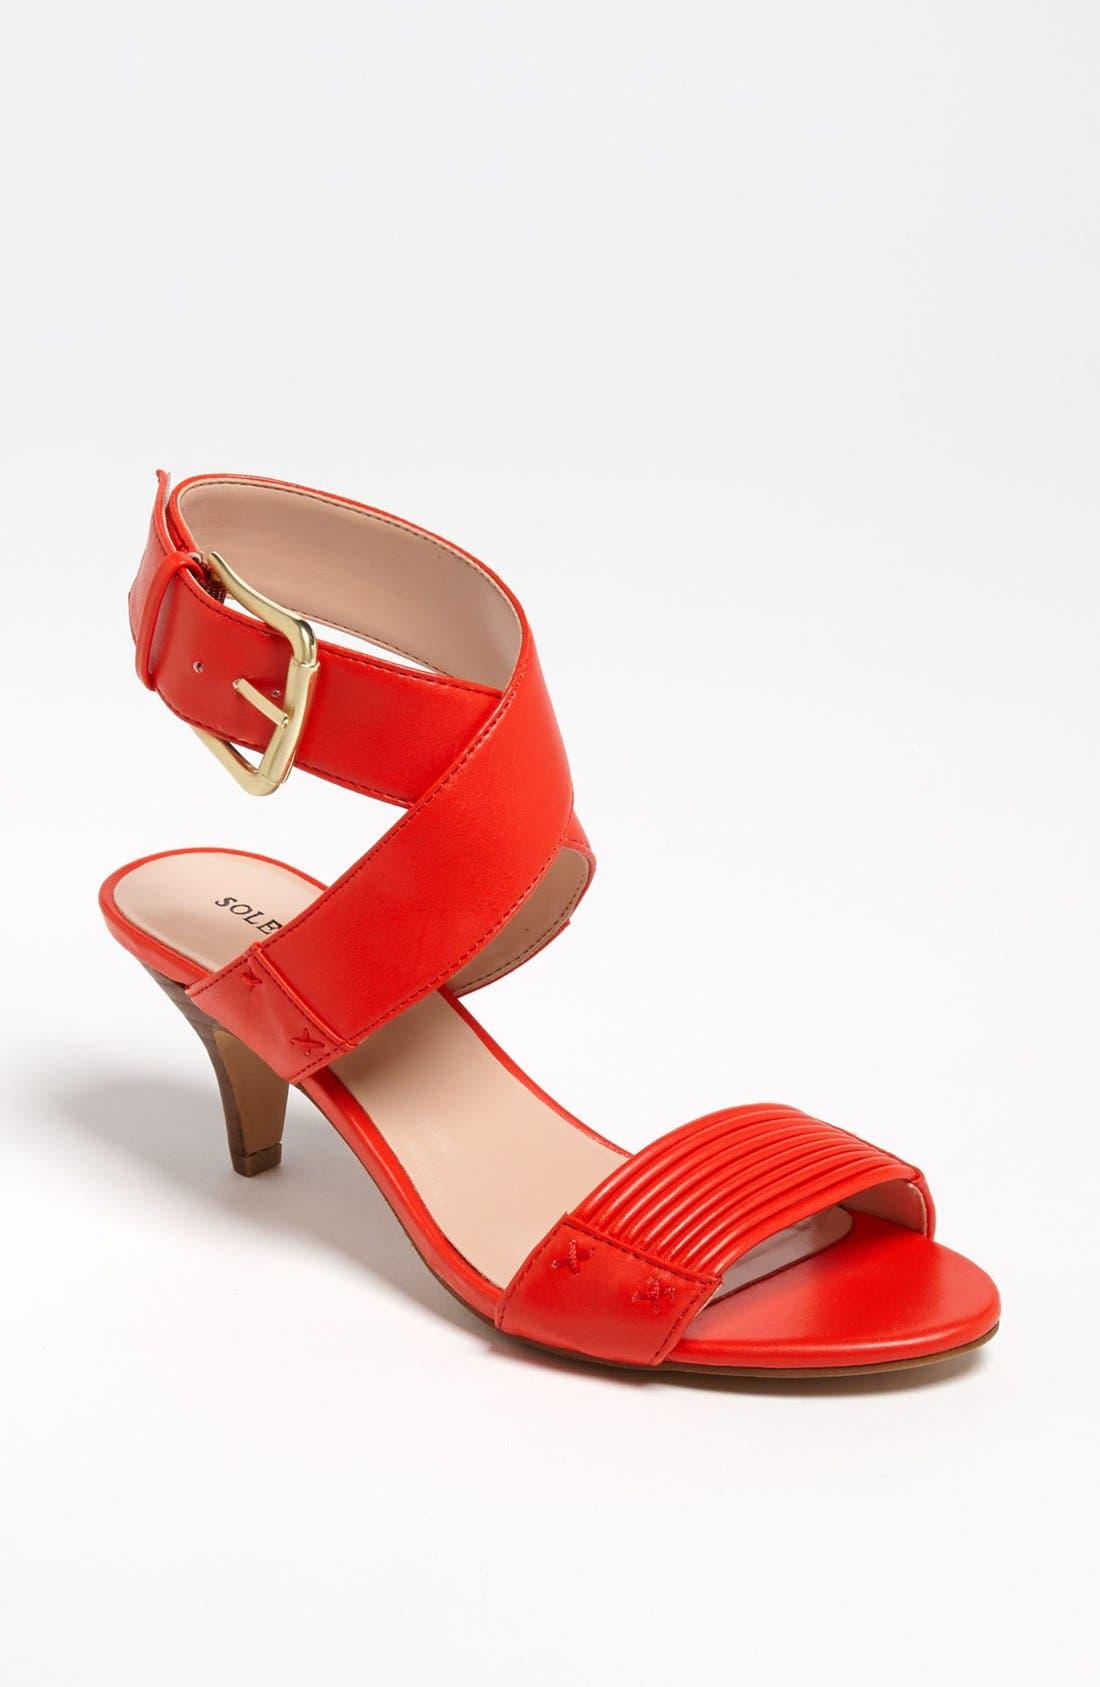 Main Image - Sole Society 'Penelope' Sandal